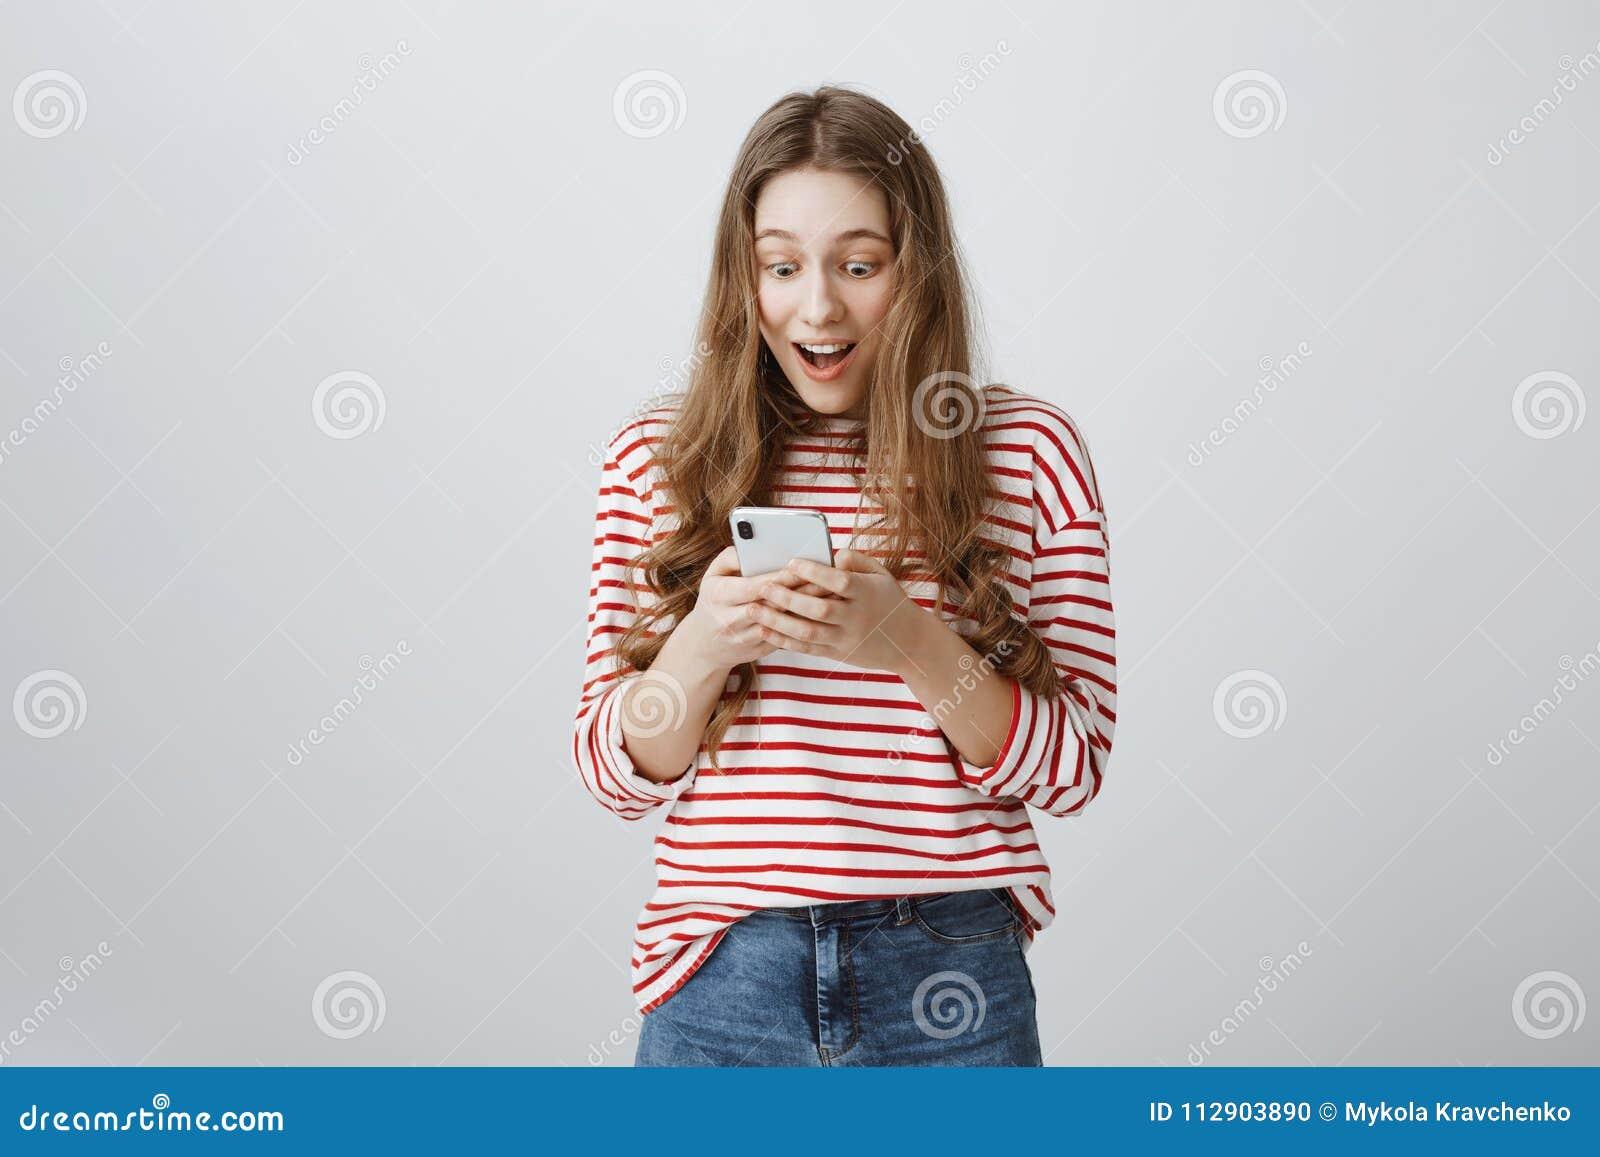 Мечты приходят верно с помощью технологии Портрет ультрамодной современной женщины при длинные светлые волосы держа smartphone, с